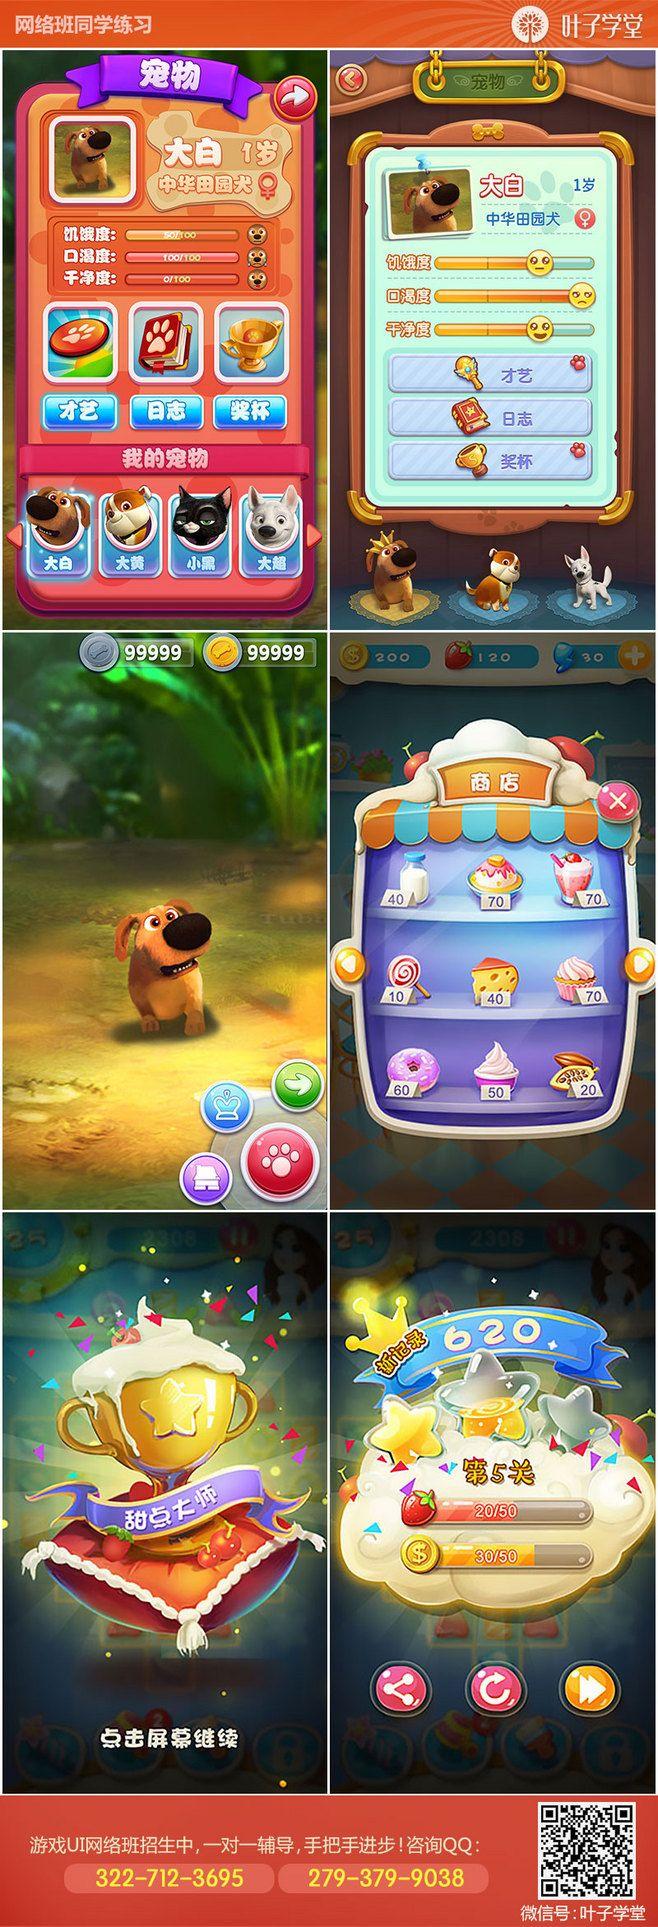 微笑的猪-朱月亮采集到游戏界面(10343图)_花瓣游戏